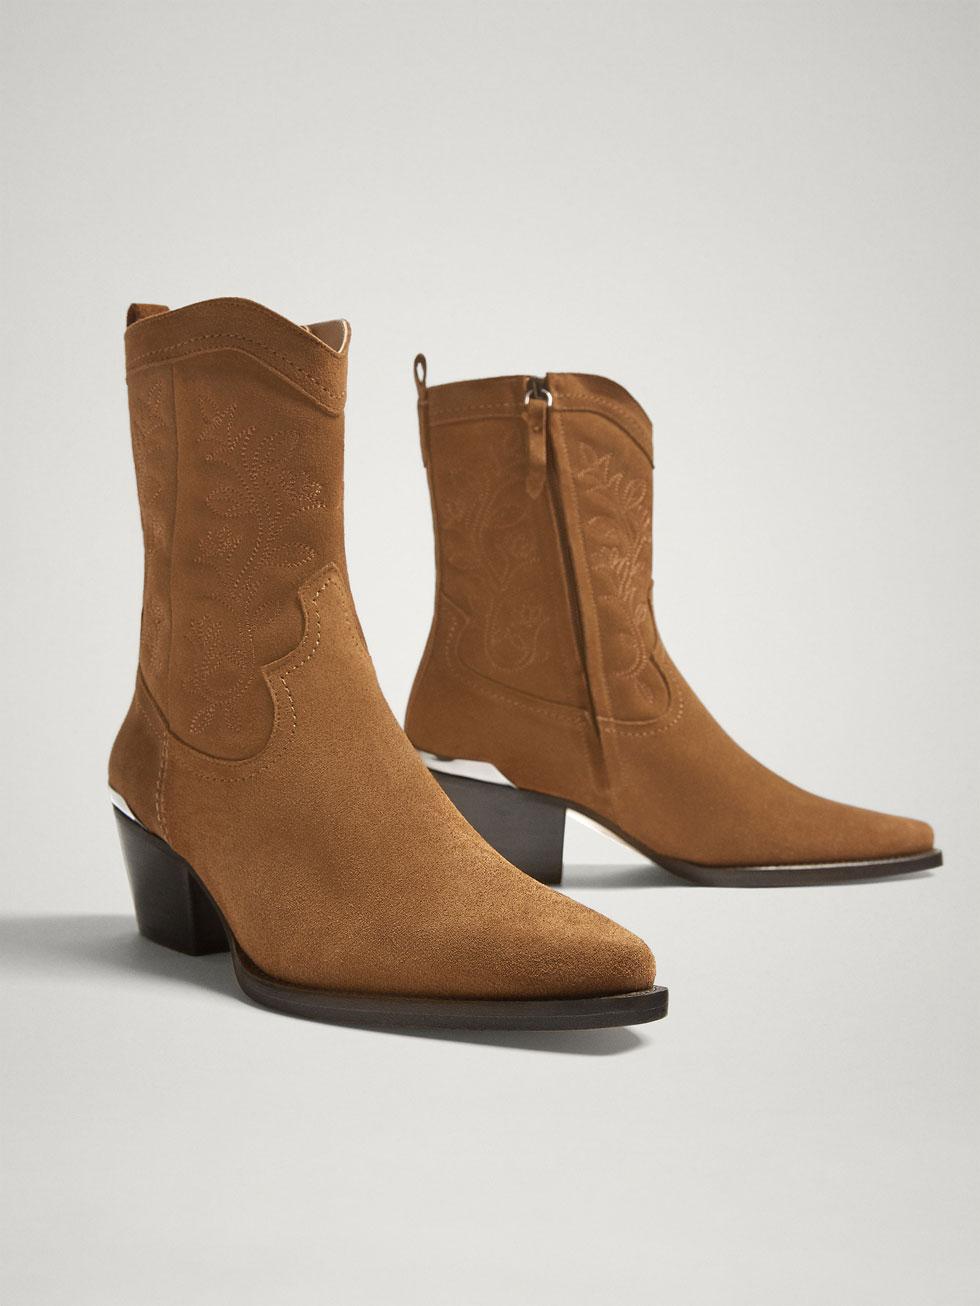 Calzado, botas y zapatos